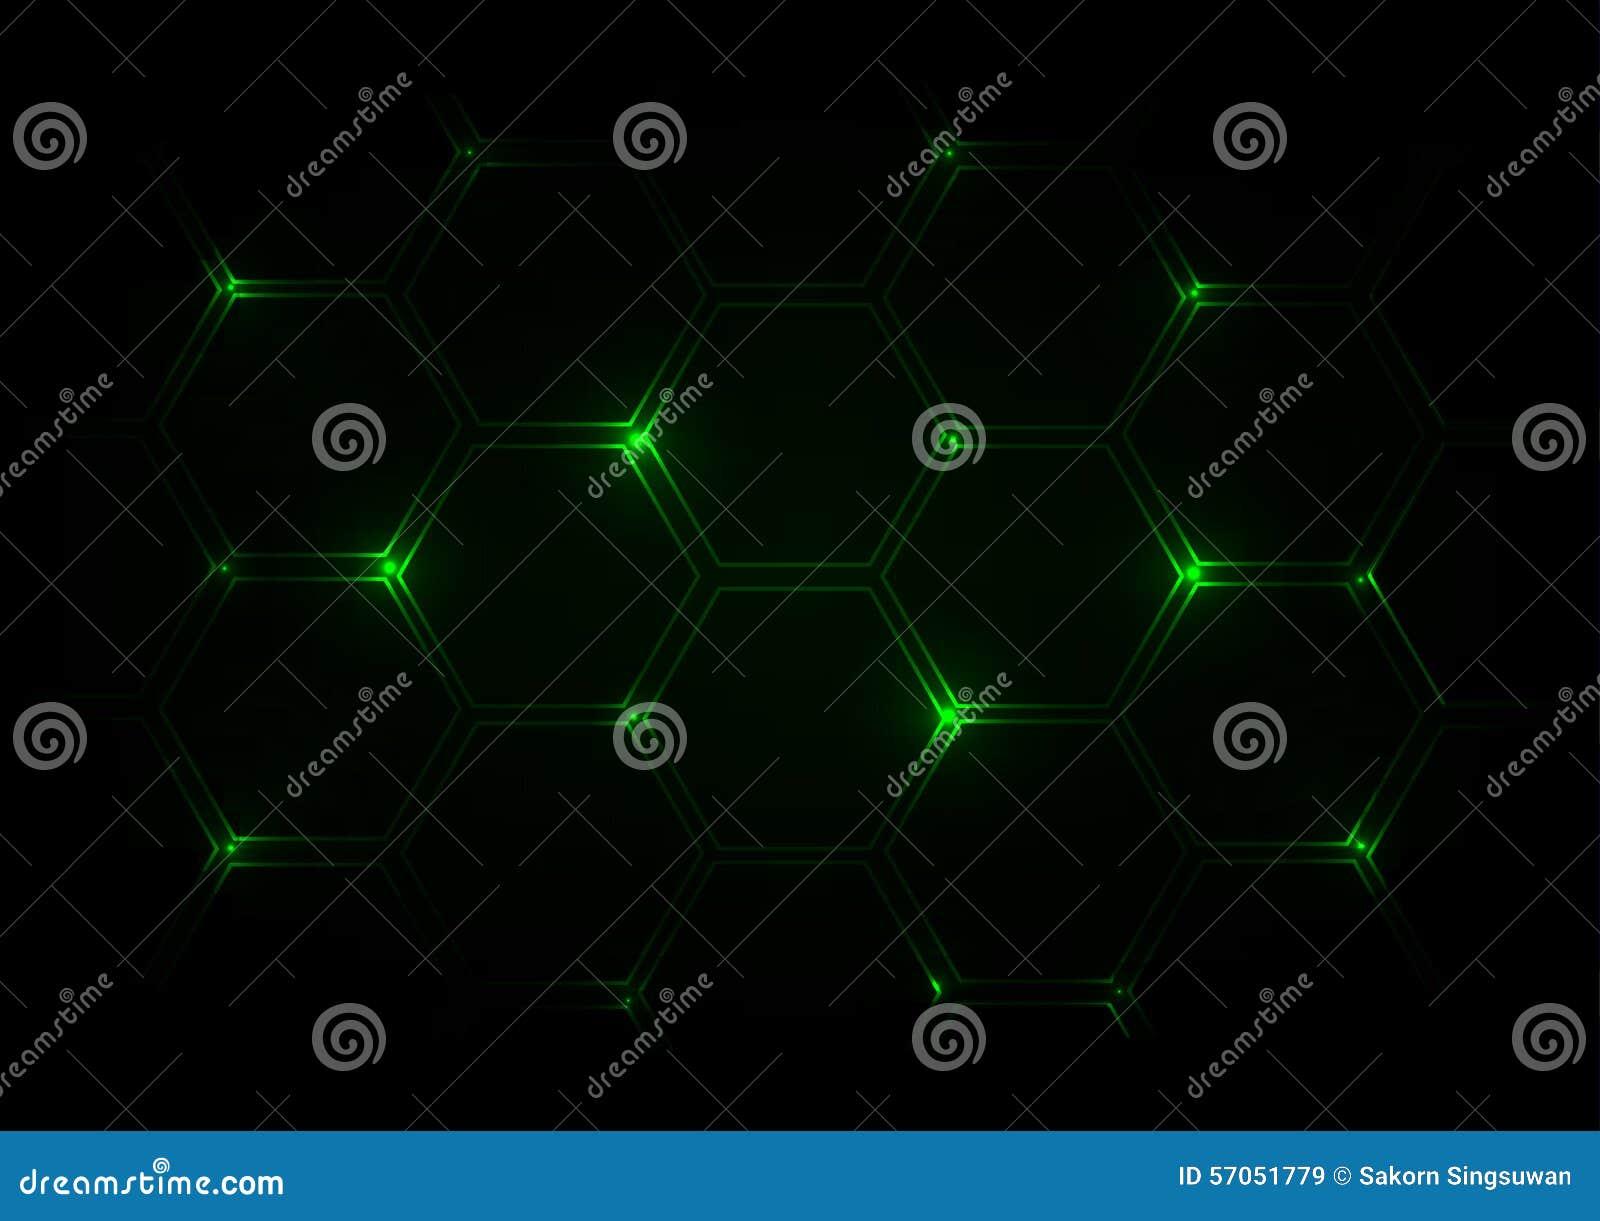 Abstracte donkergroene achtergrond met zeshoeken